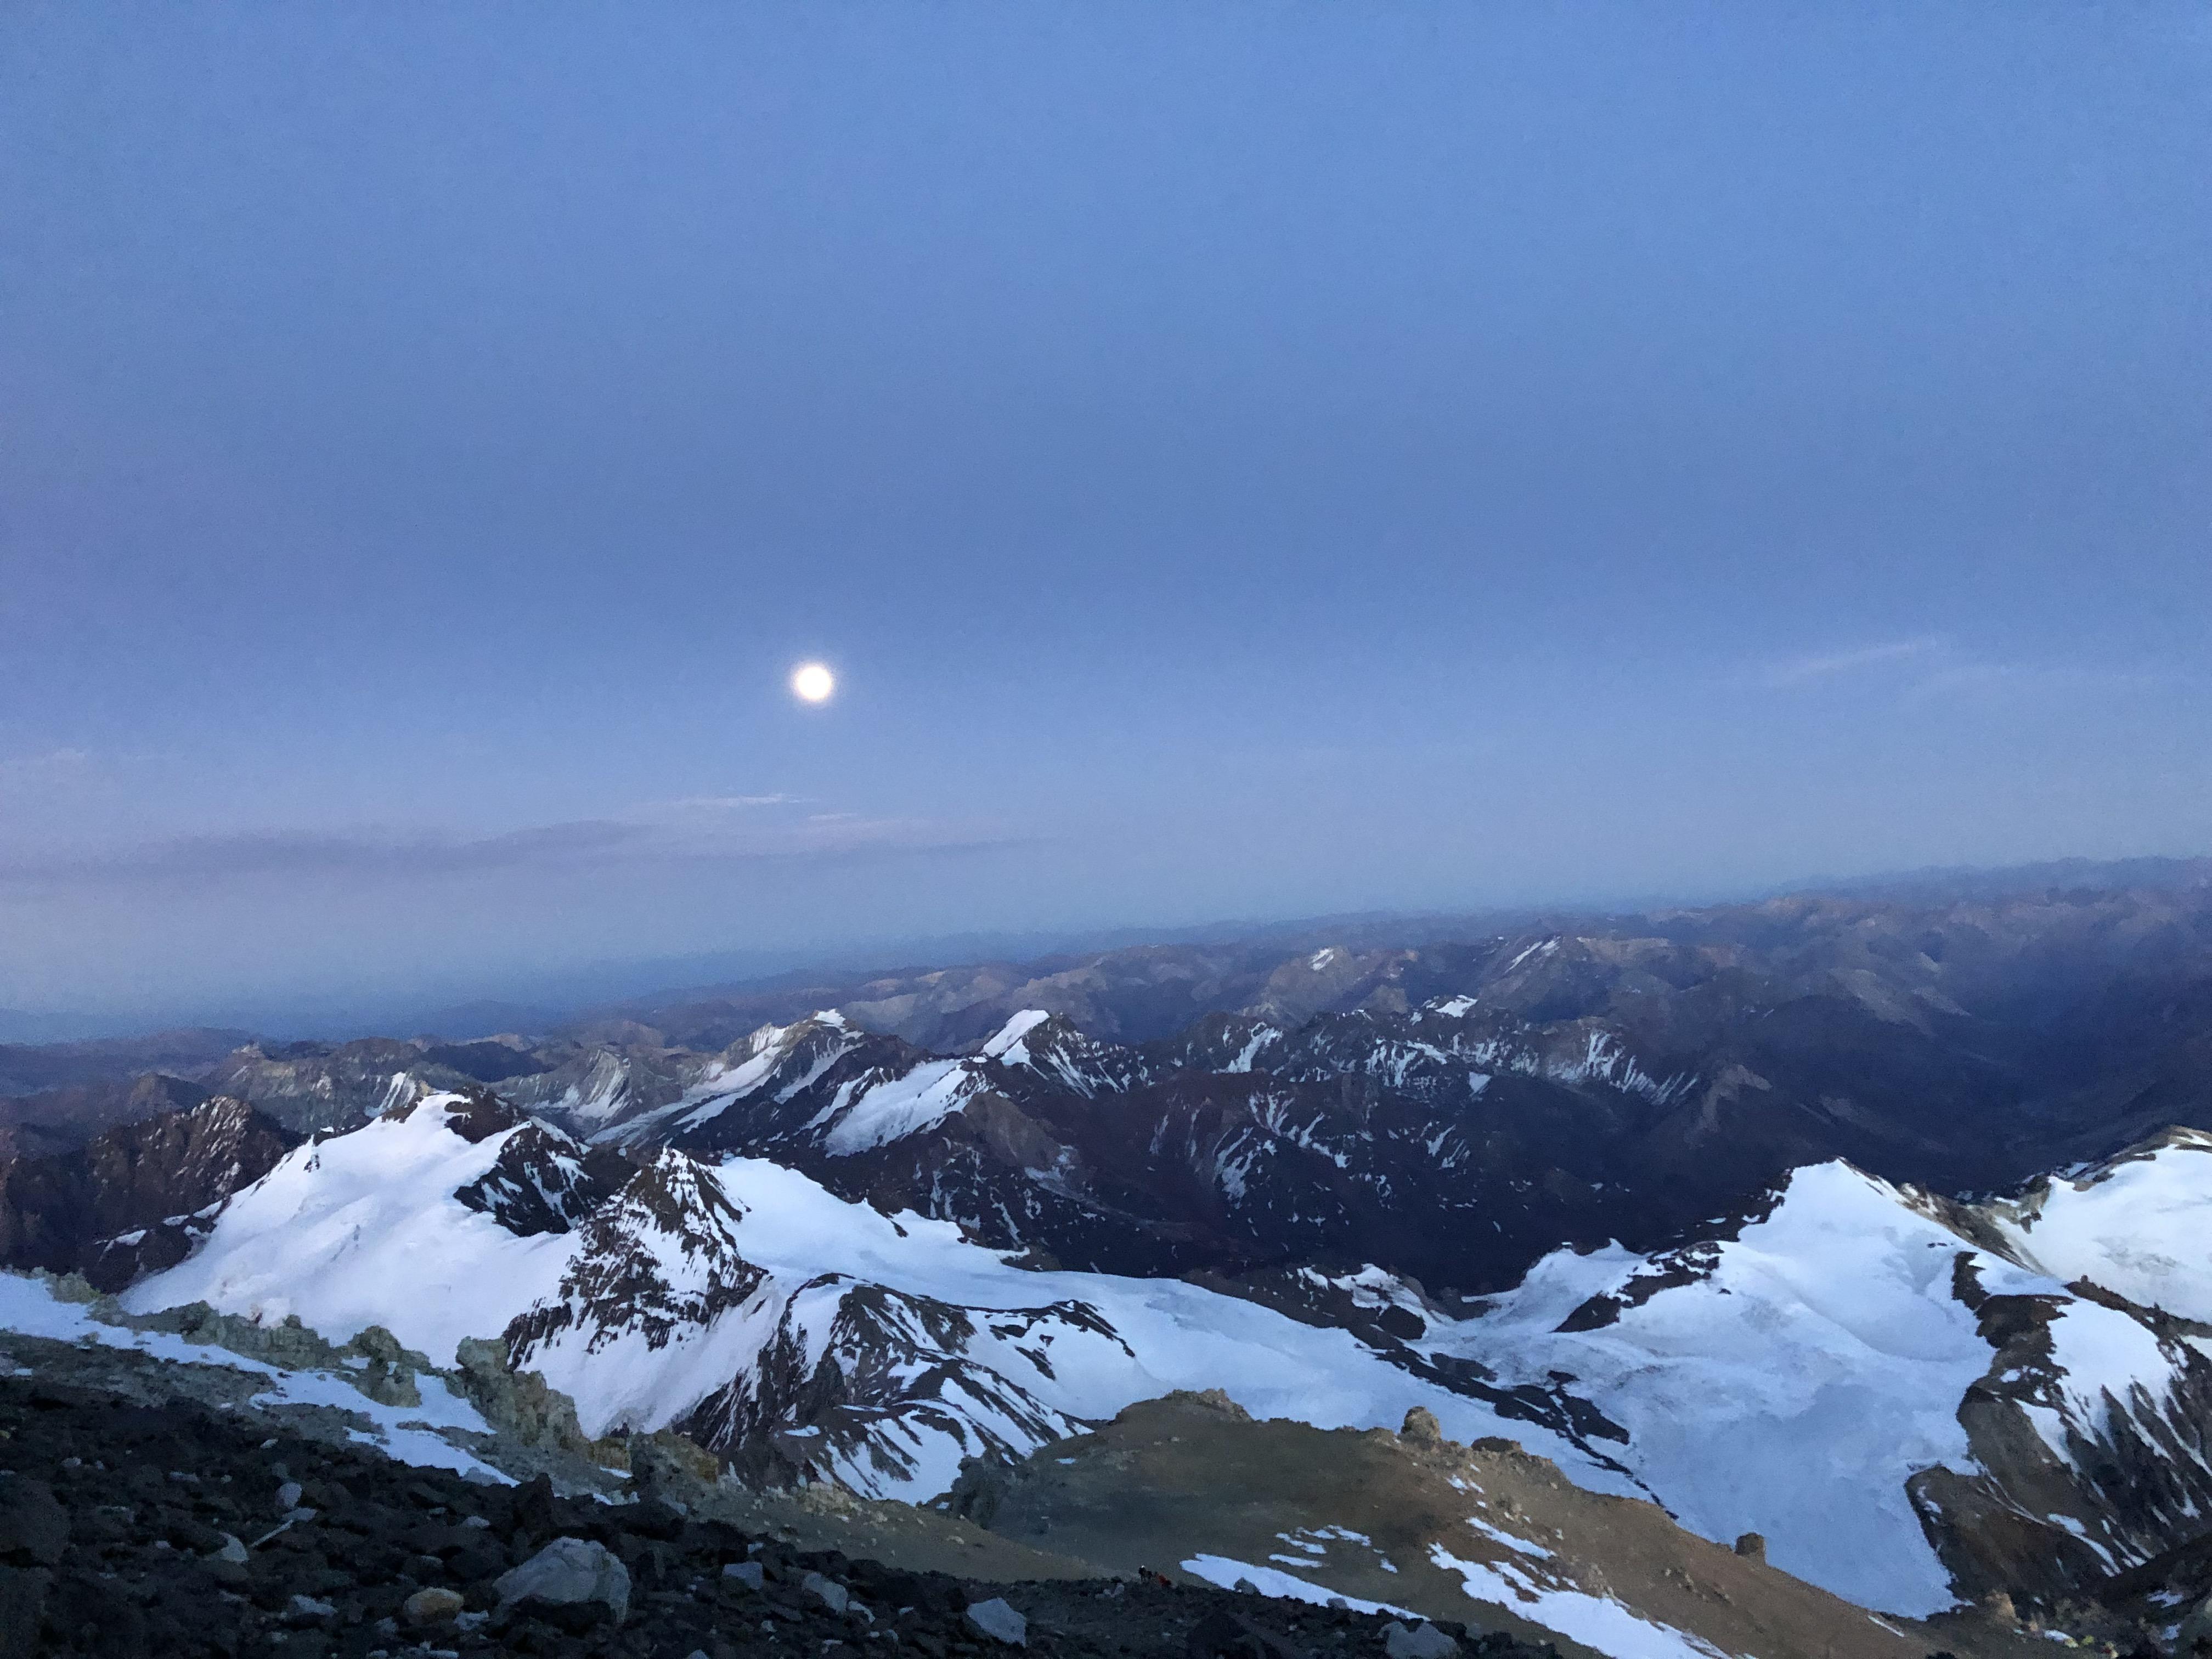 Der Mond auf dem Gipfel